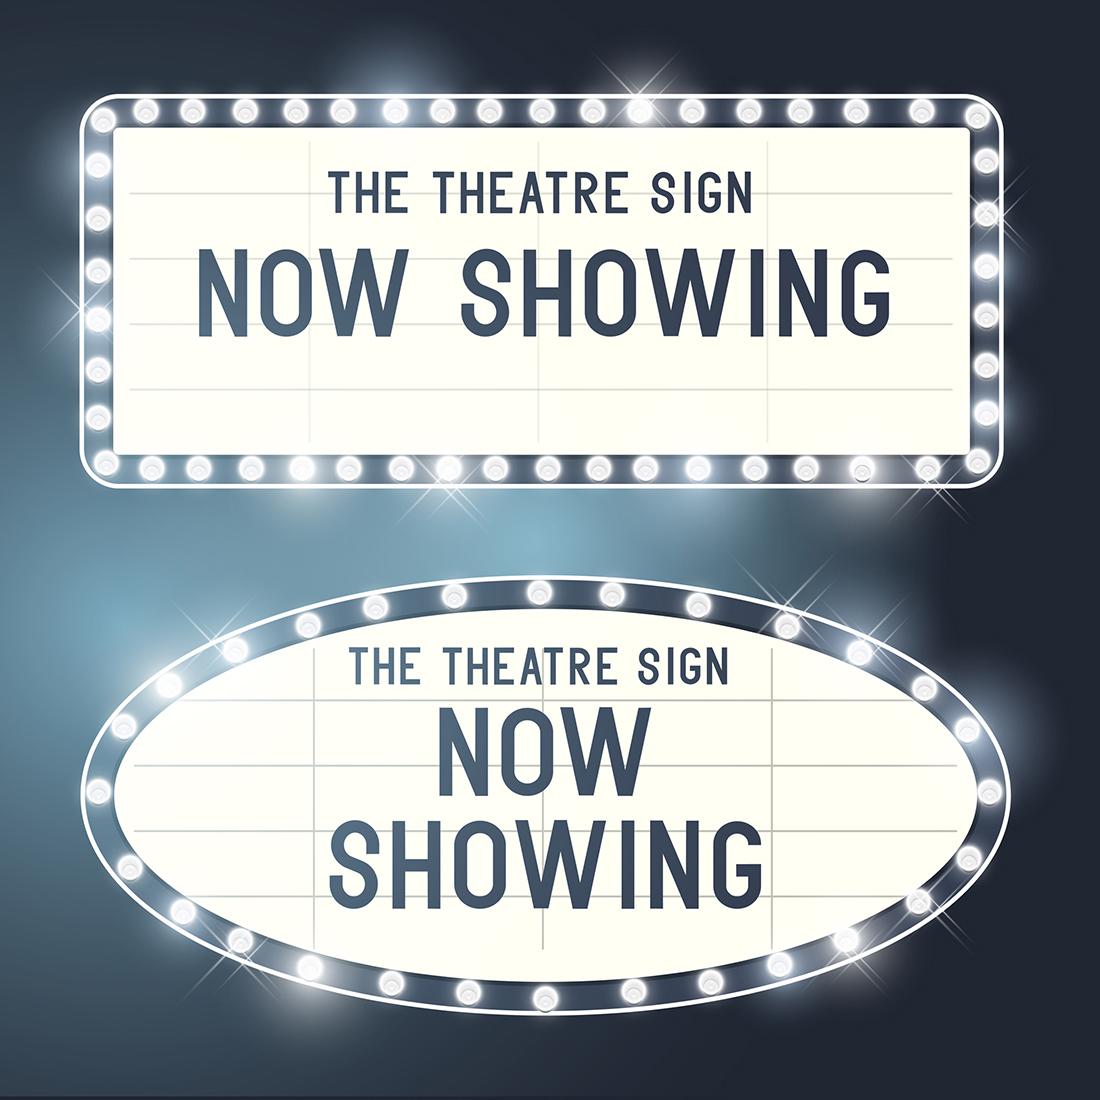 solarseven-theatre-signs-1